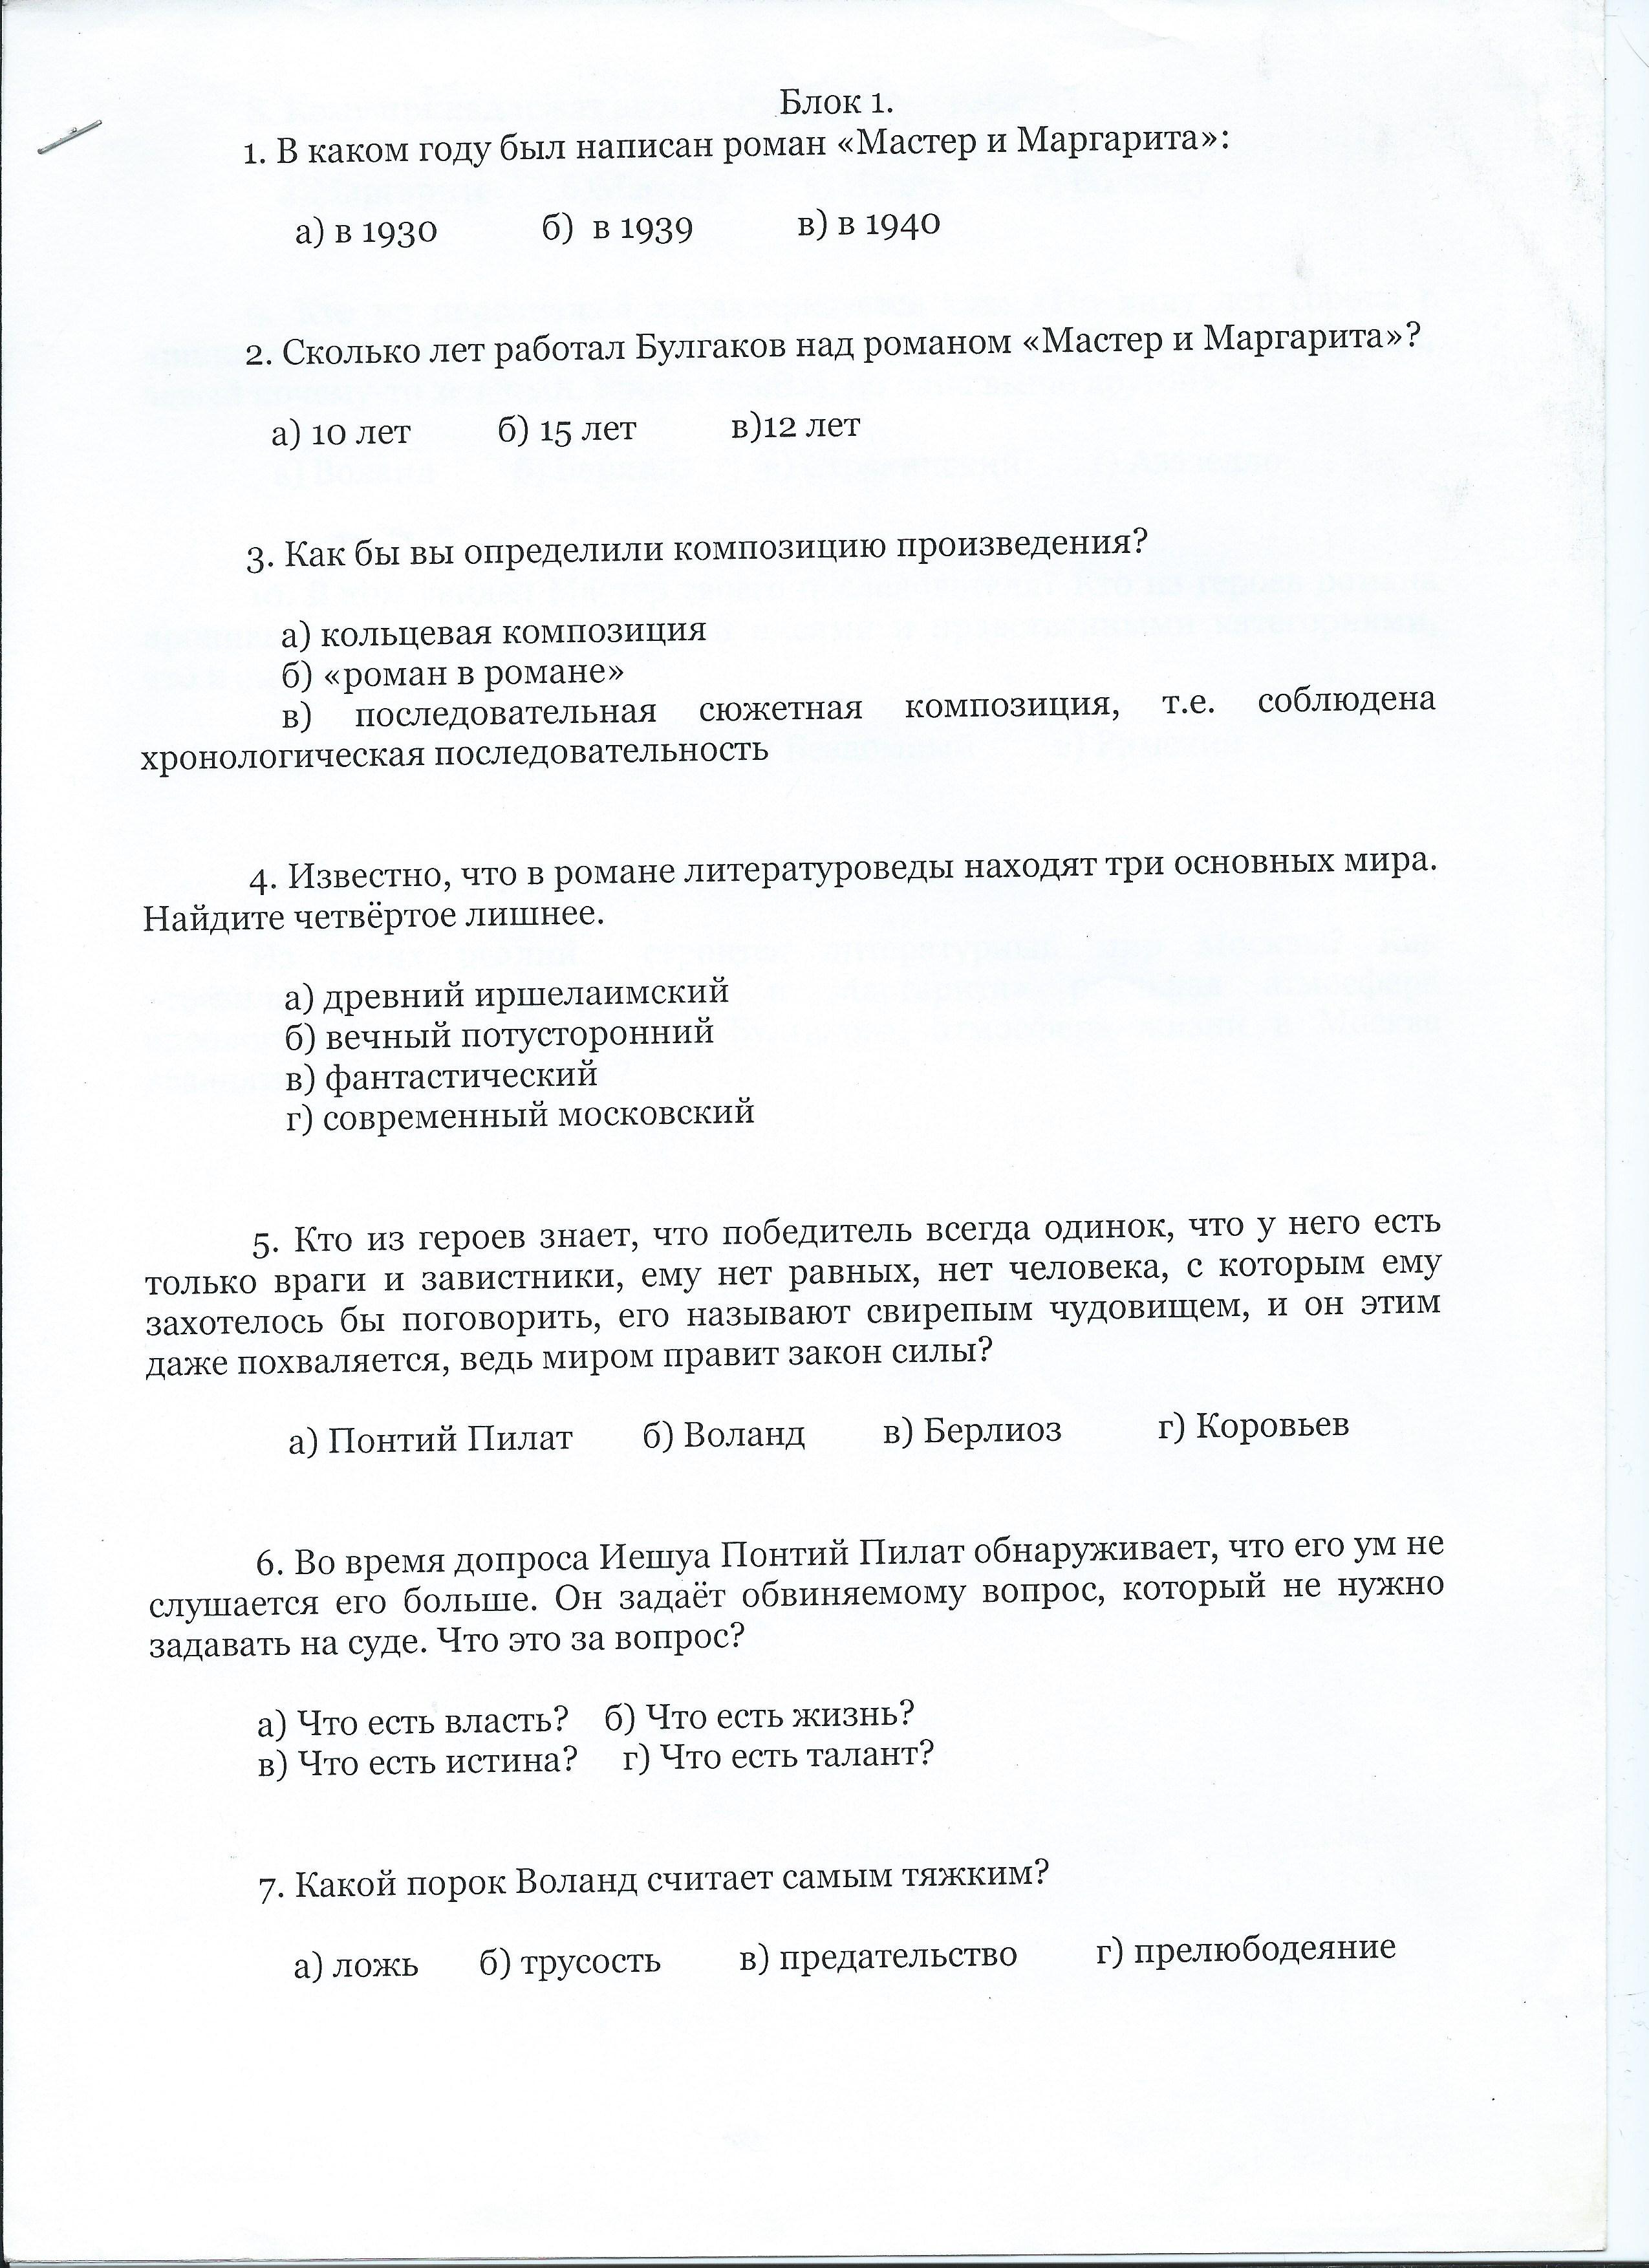 C:\Users\dd-art\Documents\Scan200002.jpg